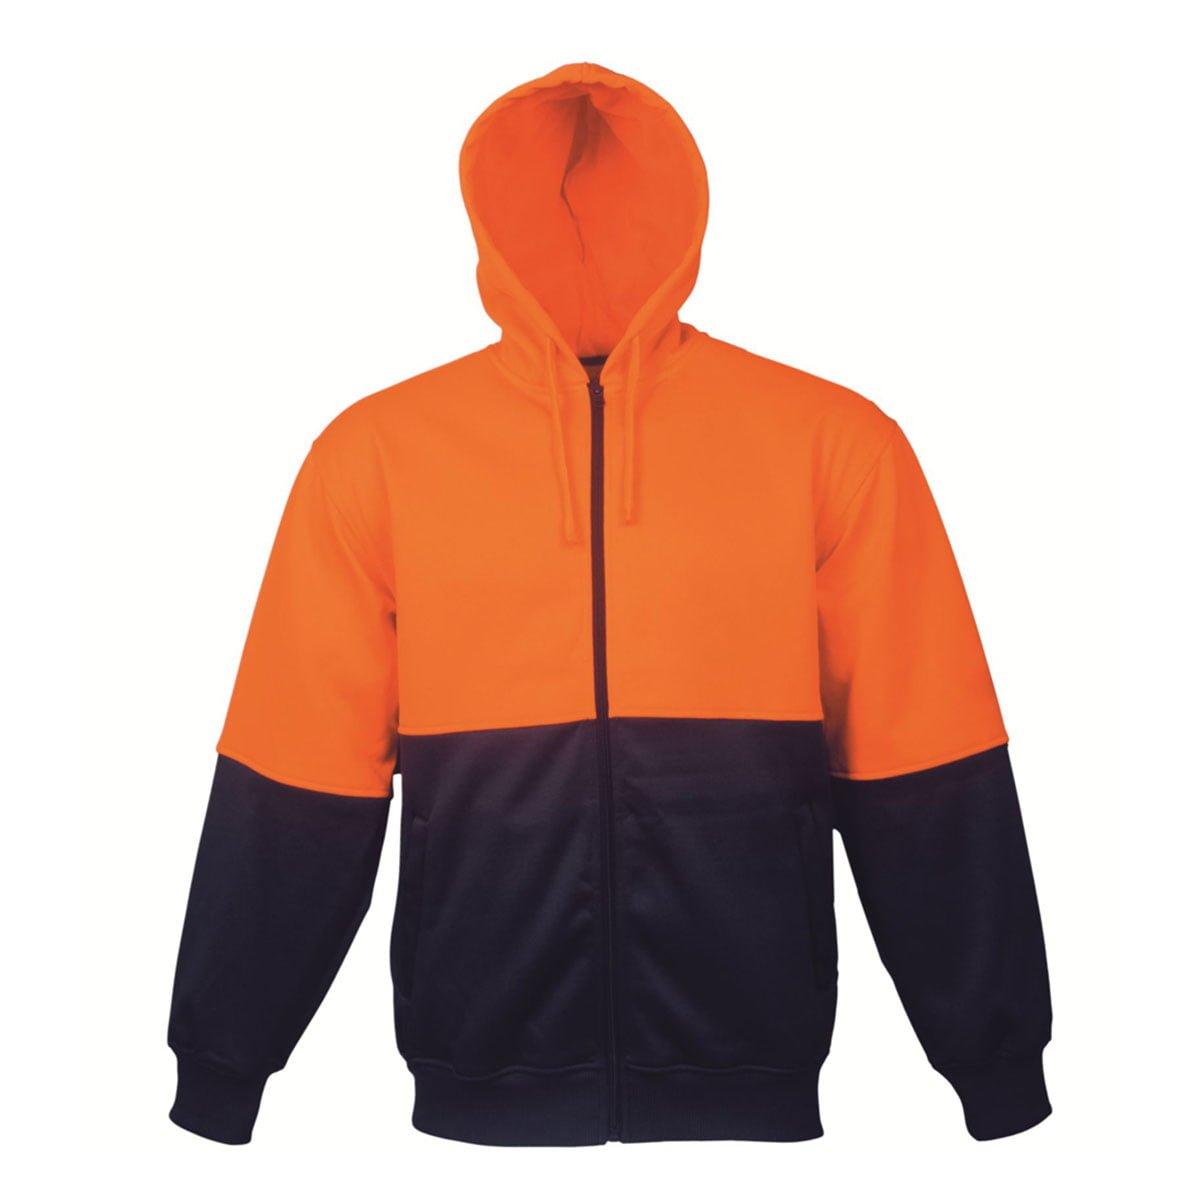 HI-VIS FLEECE HOODIE-Orange / Navy